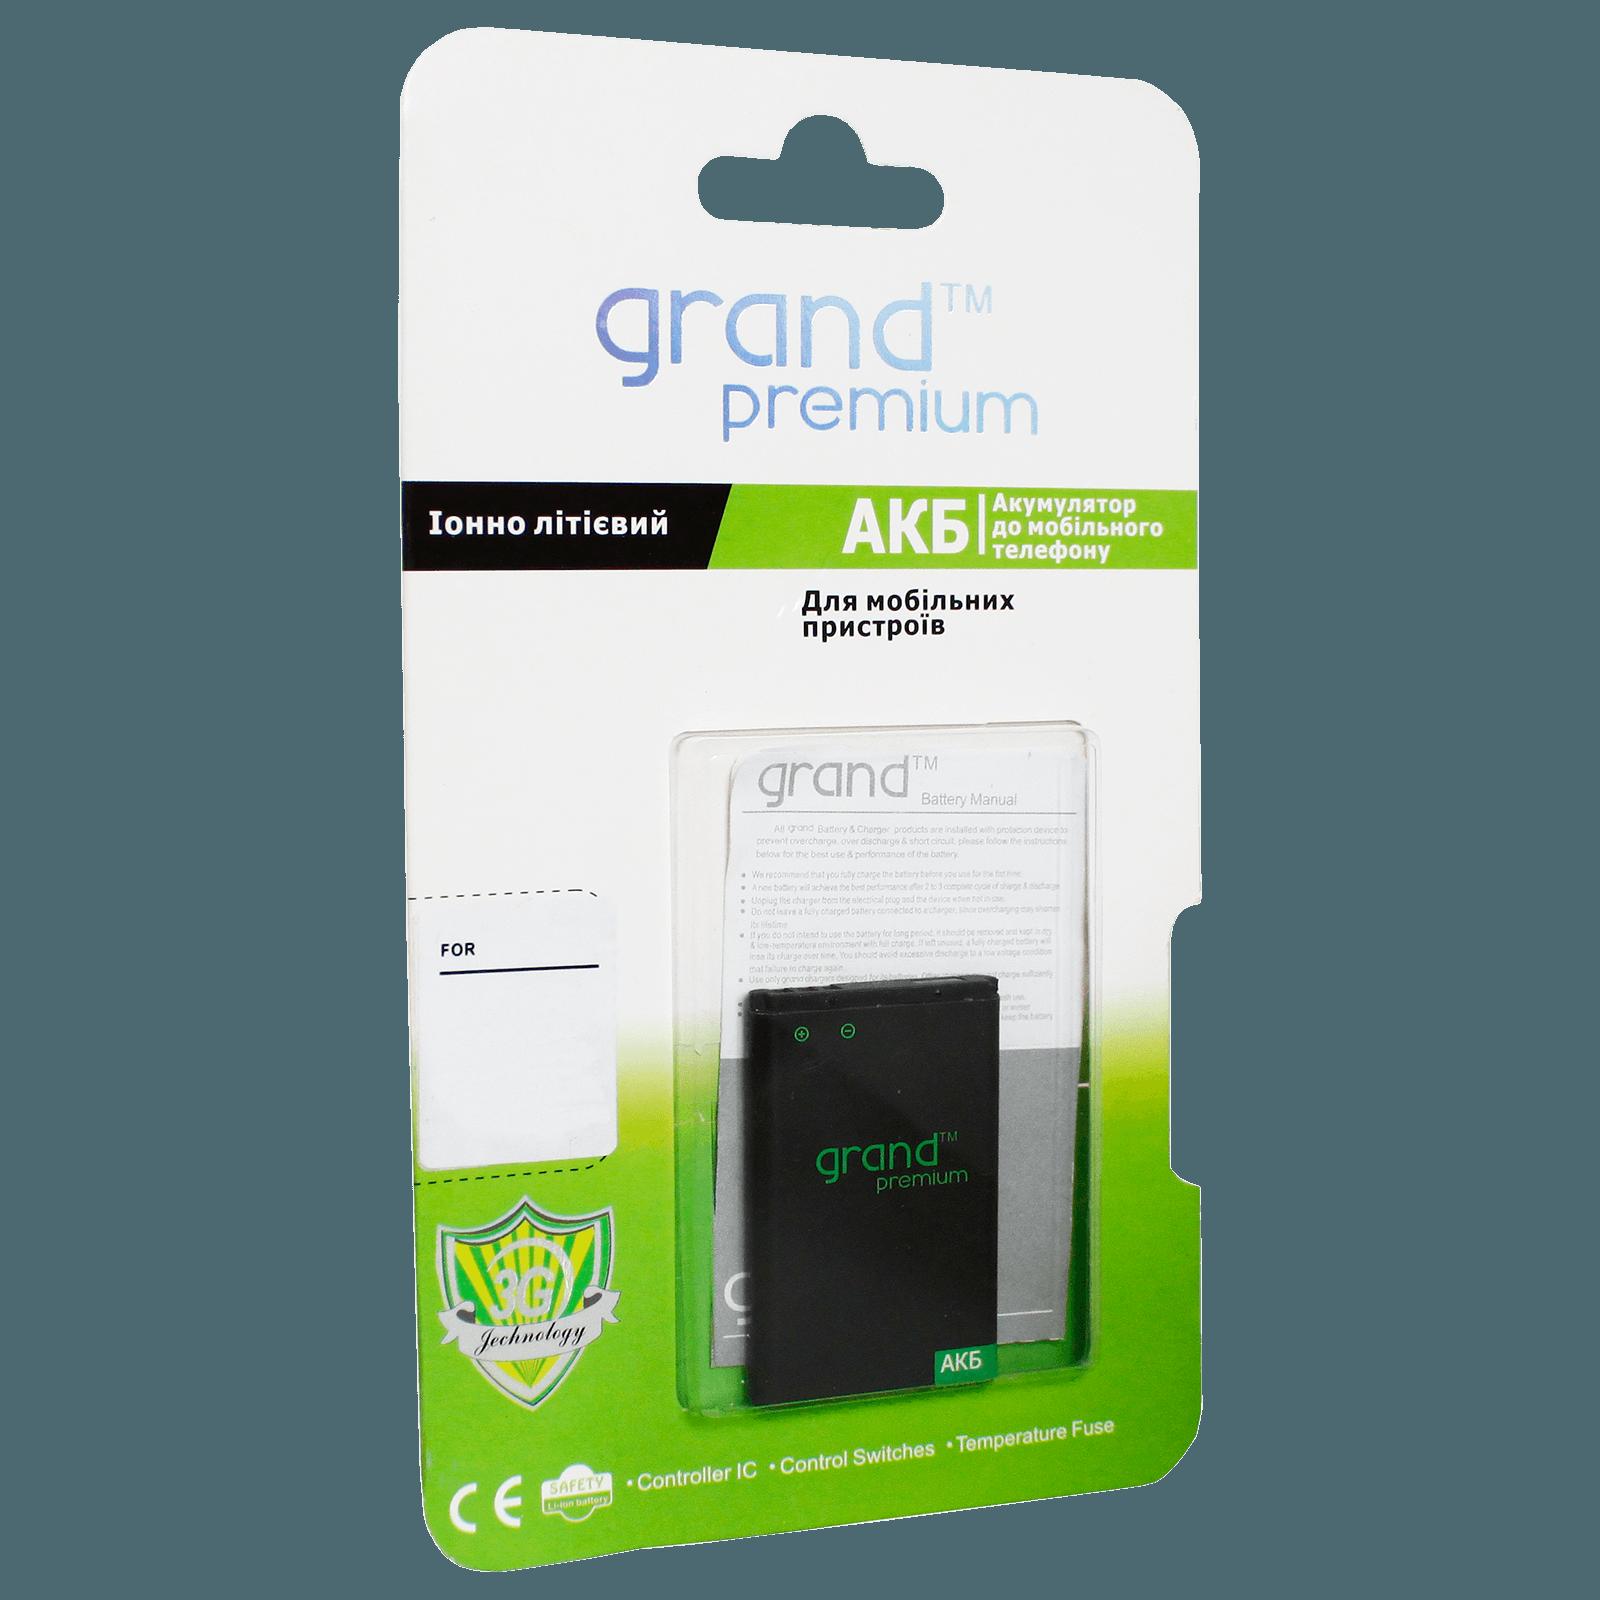 АКБ Samsung A7/A700 Grand Premium